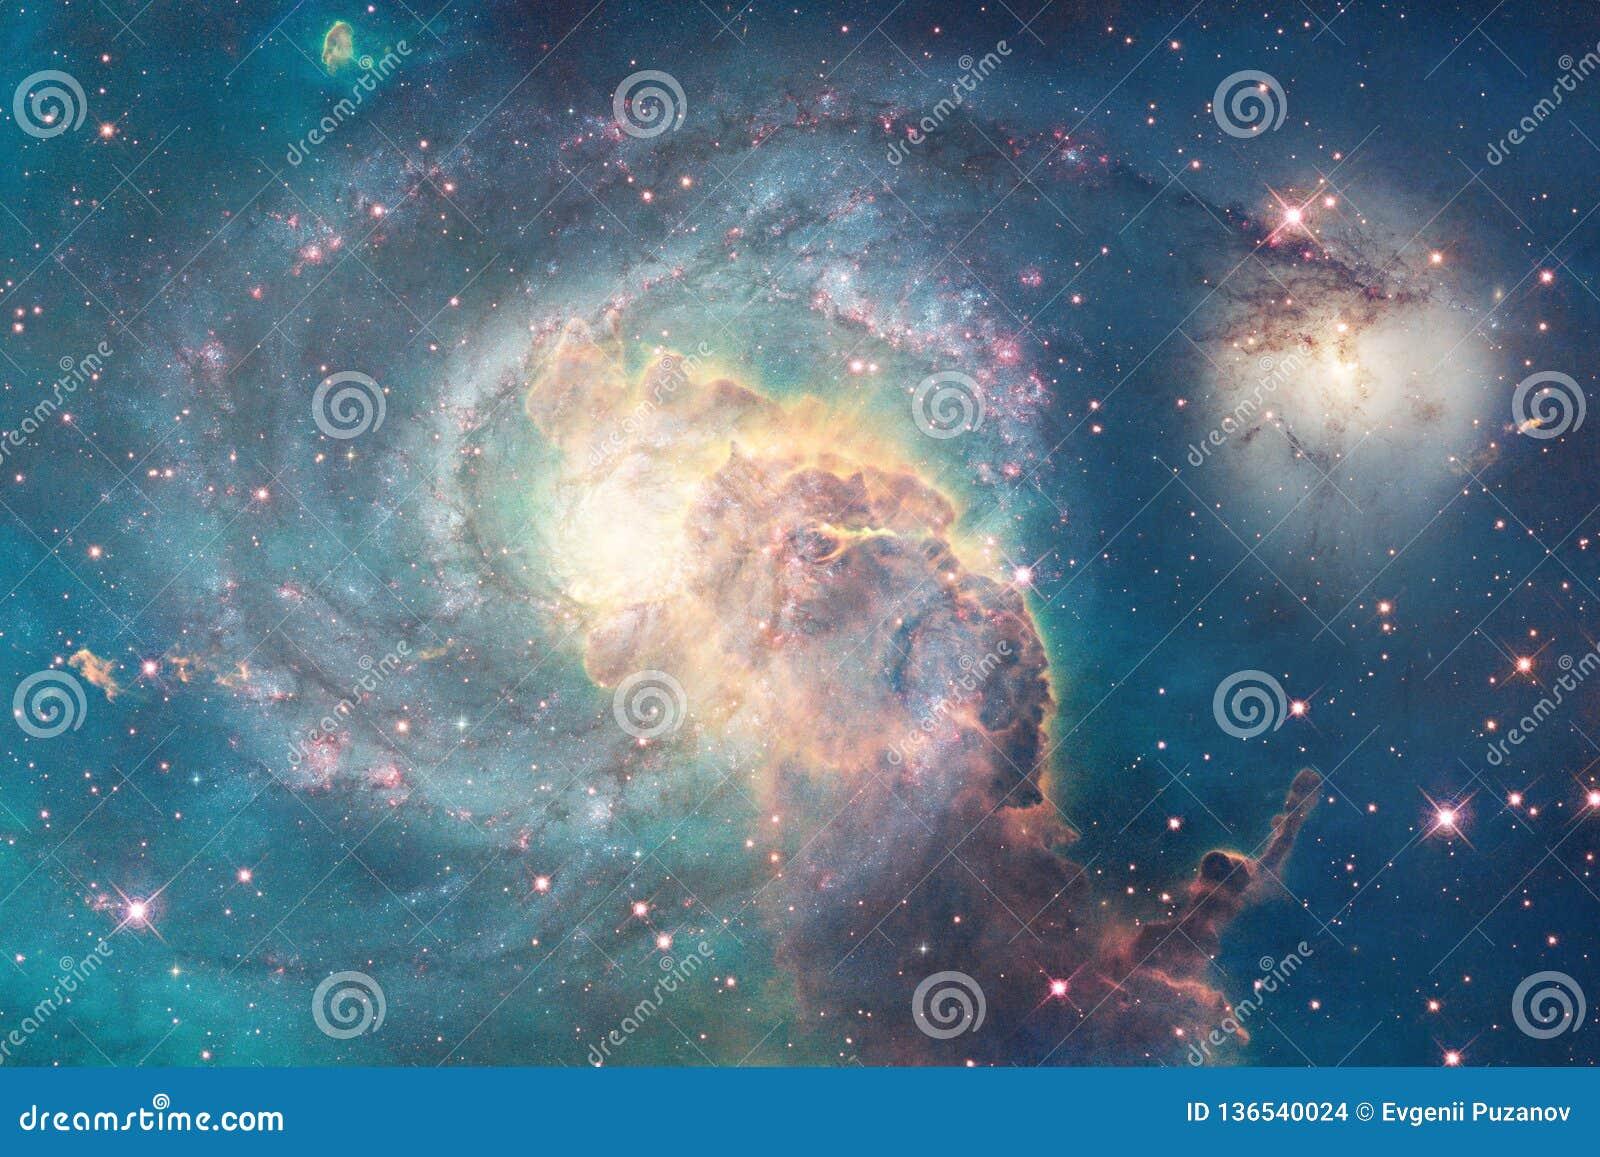 Galaxie incroyablement belle quelque part dans l espace lointain Papier peint de la science-fiction